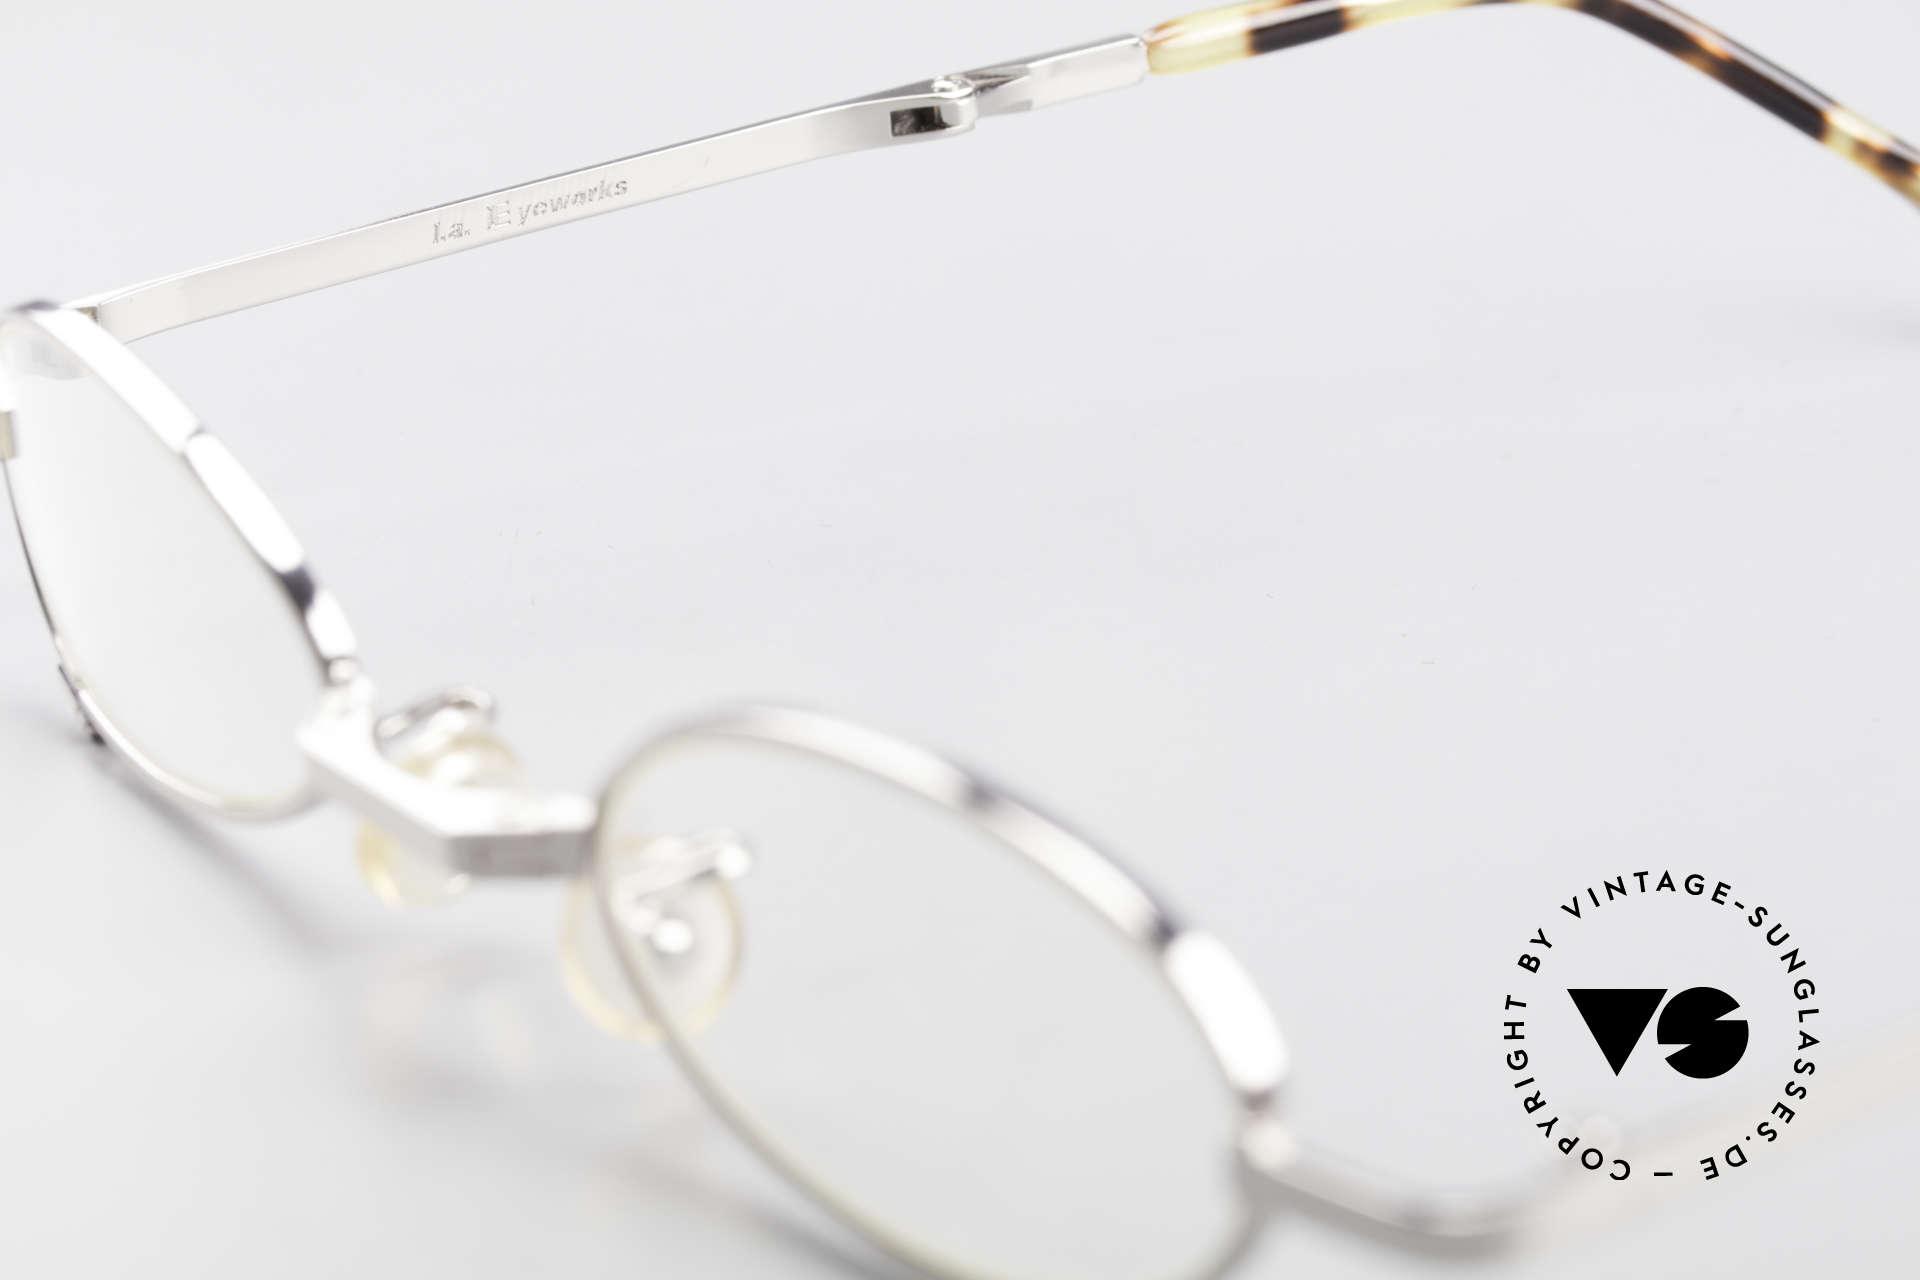 L.A. Eyeworks TIO 405 Vintage Folding Eyeglasses, unworn (like all our VINTAGE L.A.E. designer-eyeglasses), Made for Men and Women